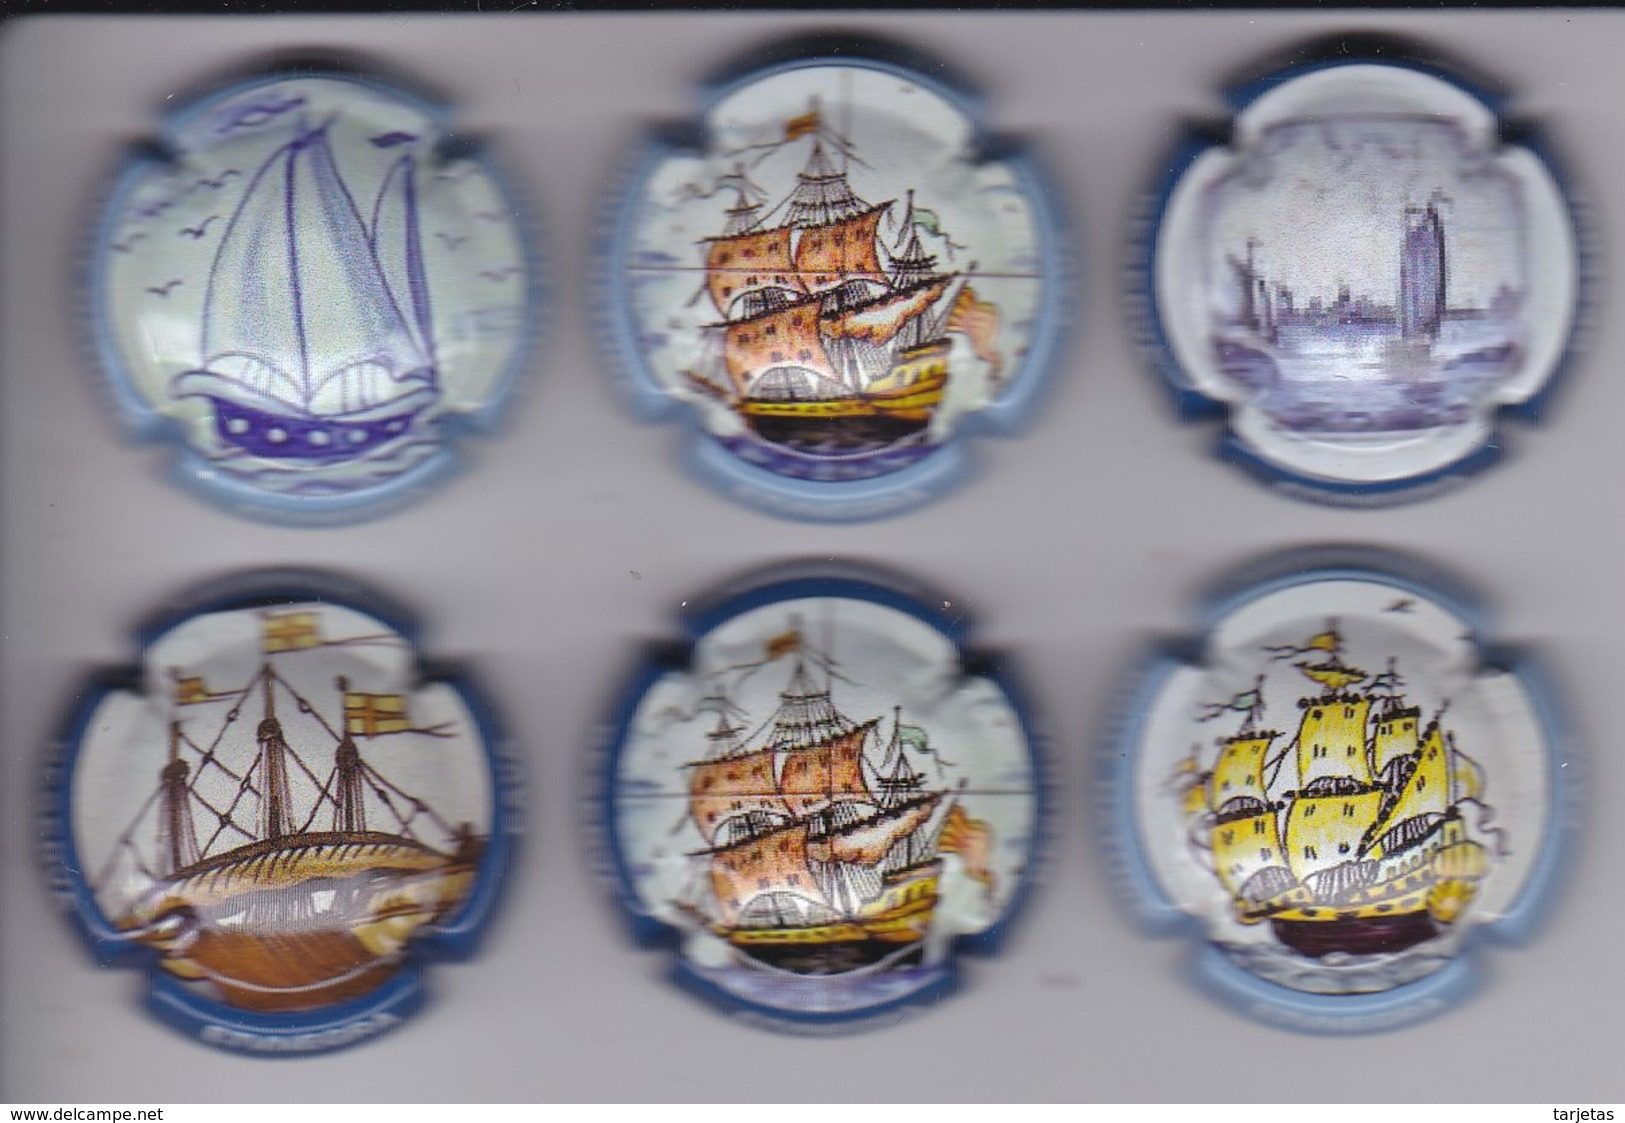 LOTE DE 6 PLACAS DE CAVA ETV NEGRA DE BARCOS (CAPSULE) BARCO-SHIP - Placas De Cava